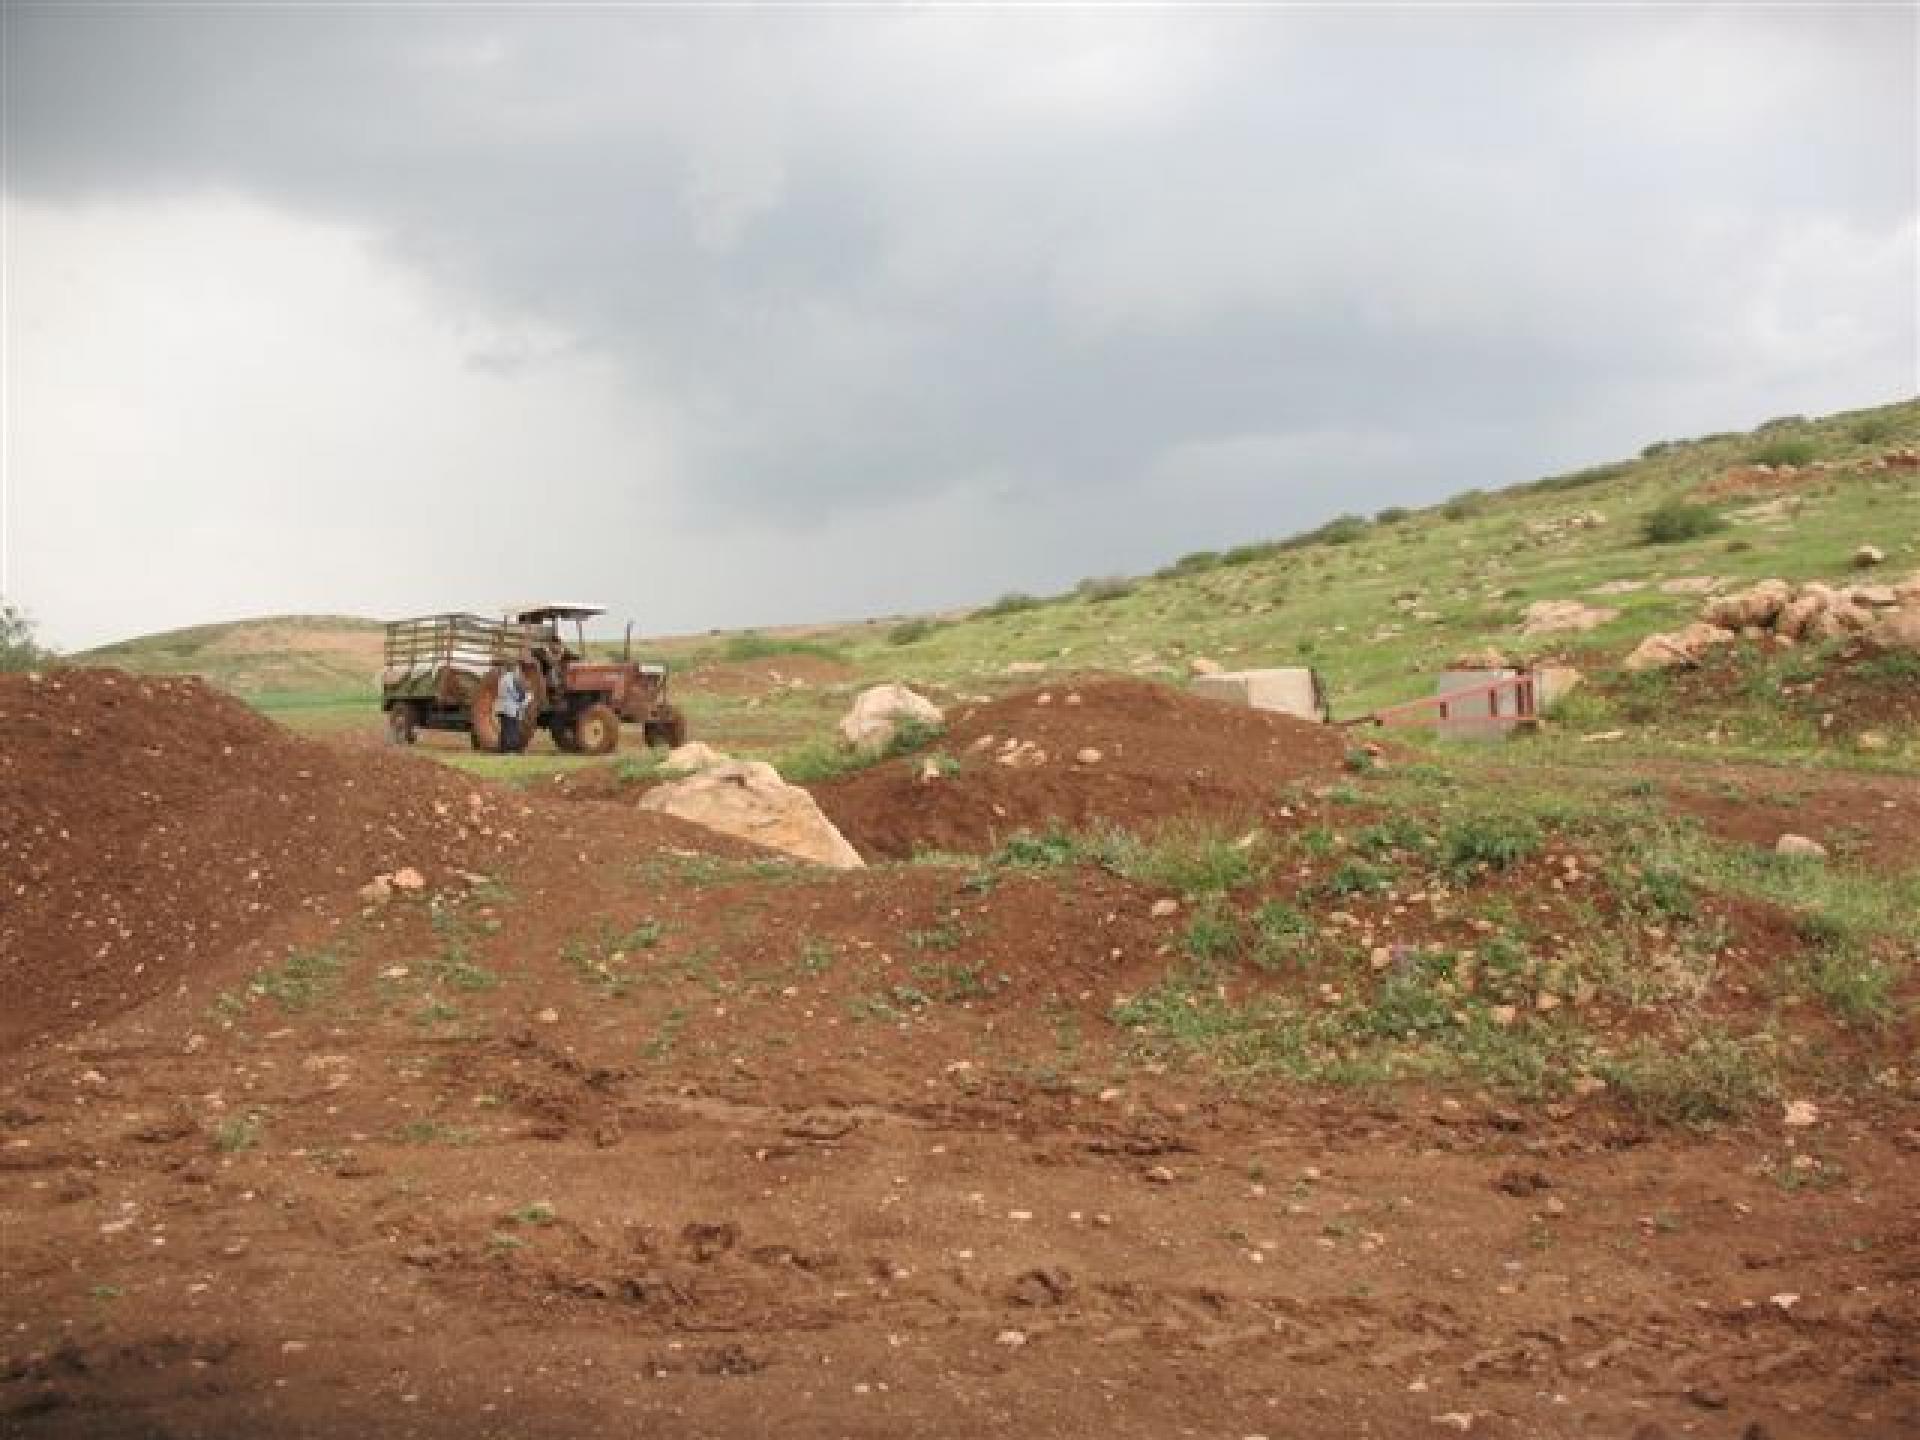 Jordan Valley 05.04.11